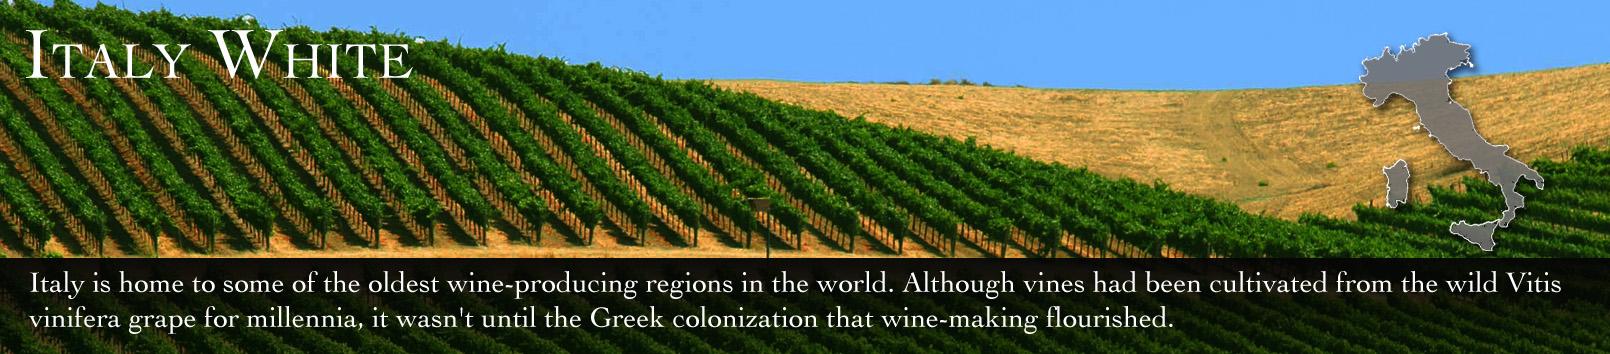 italy white wine